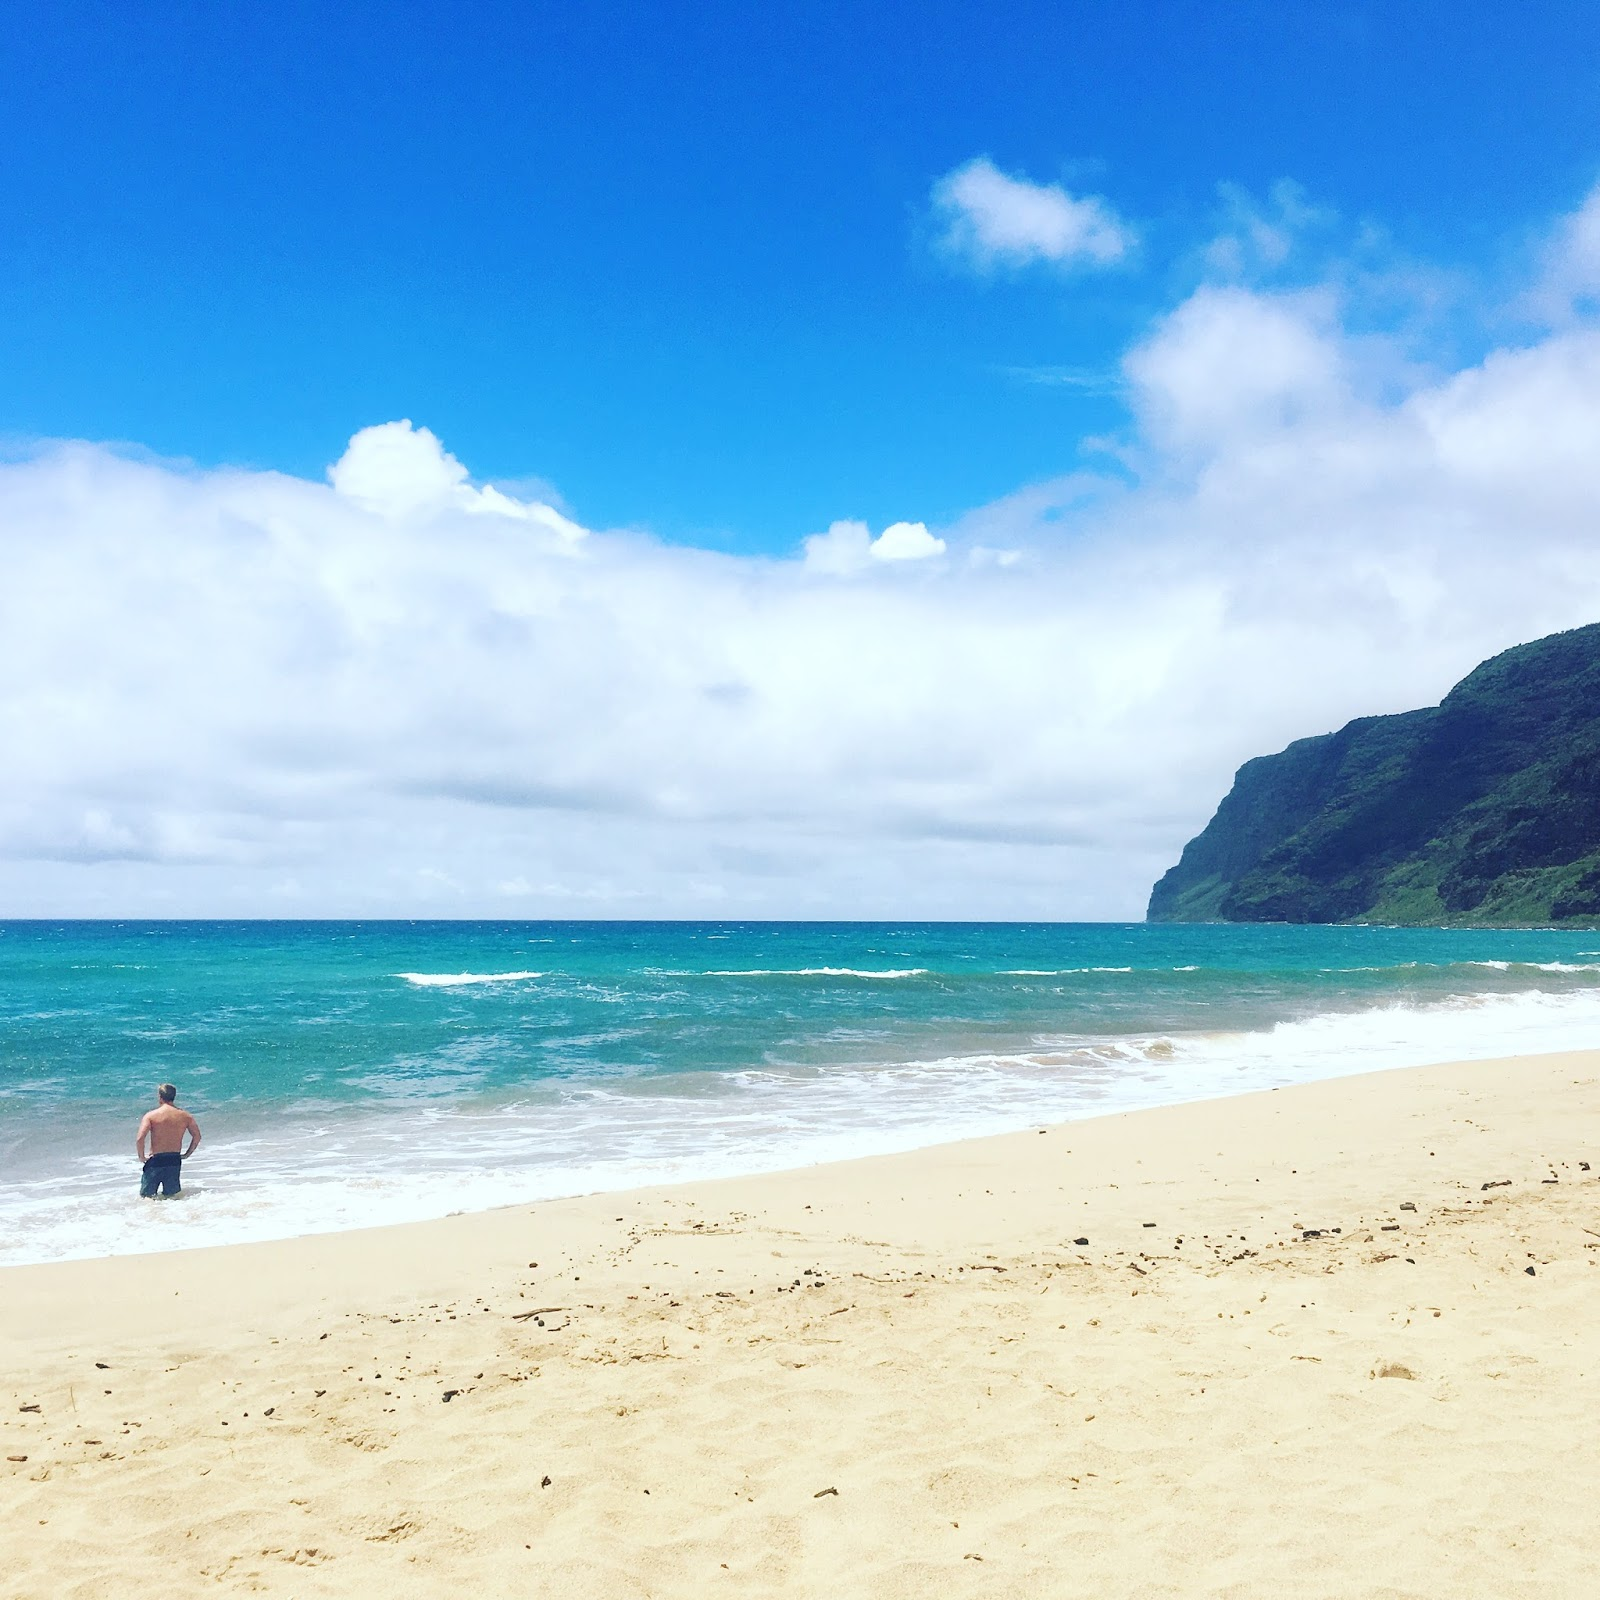 Kauai Beach: Ashley Donielle